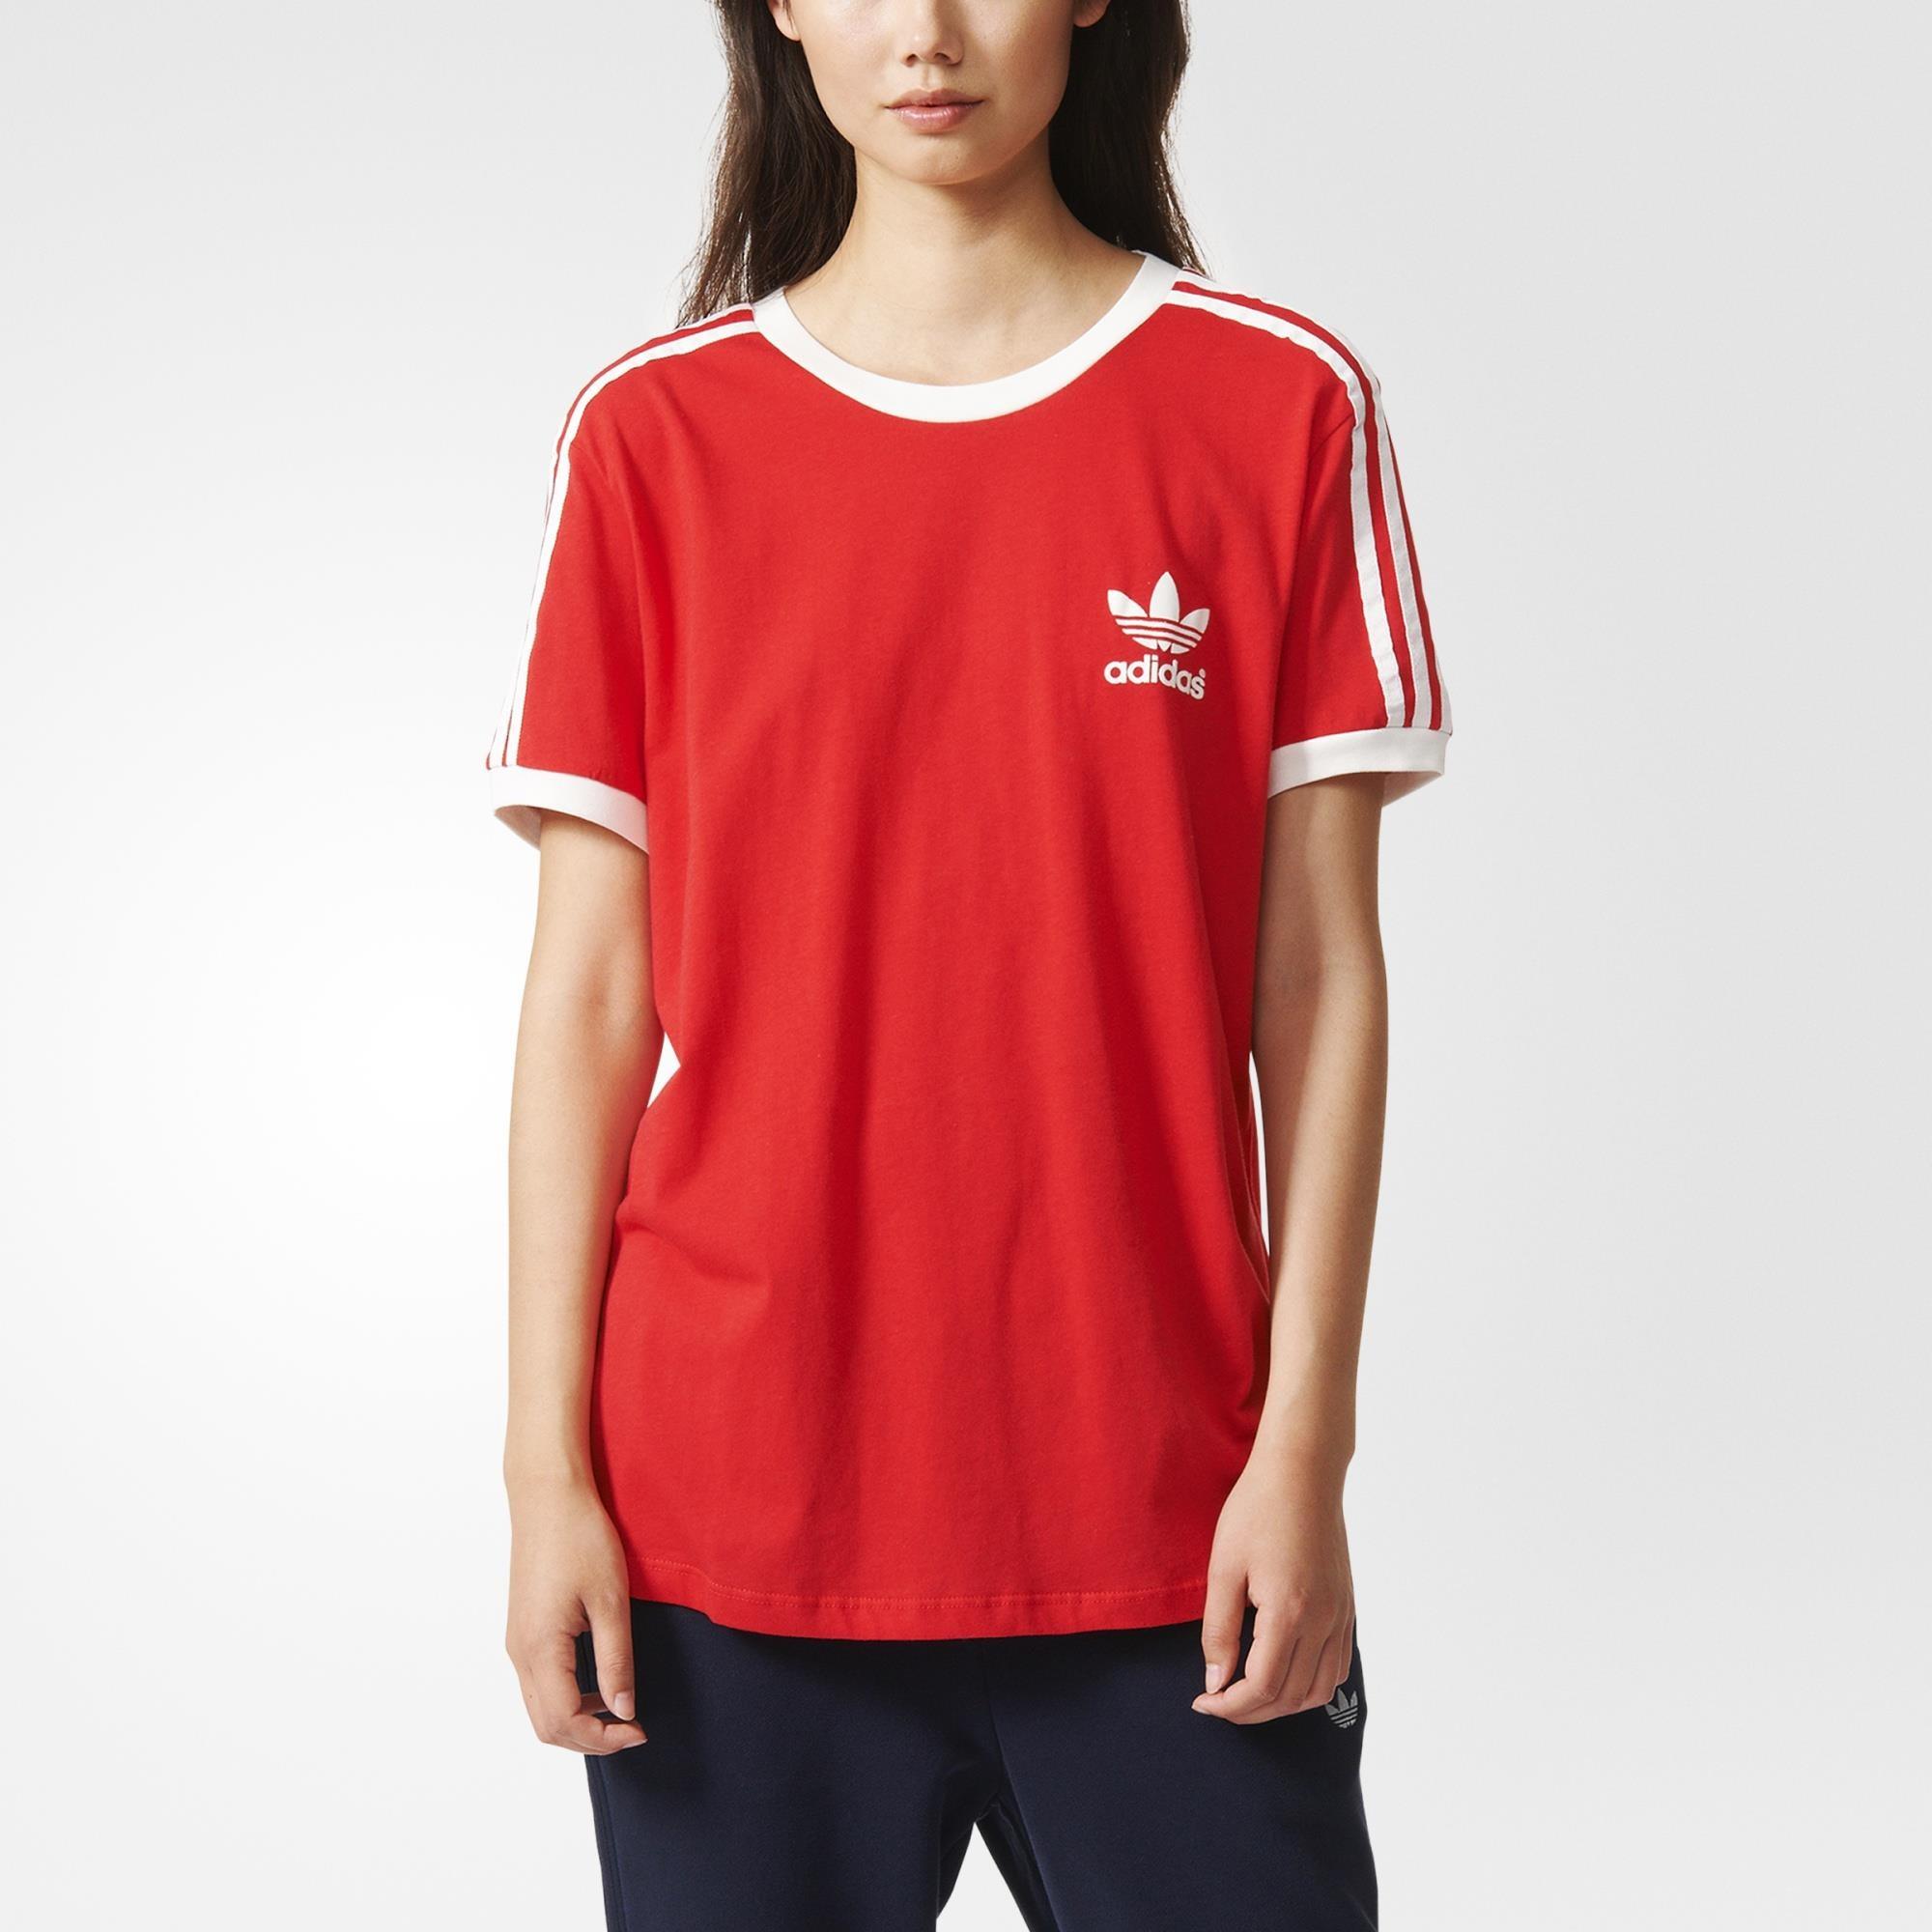 adidas t shirt 3 bandes